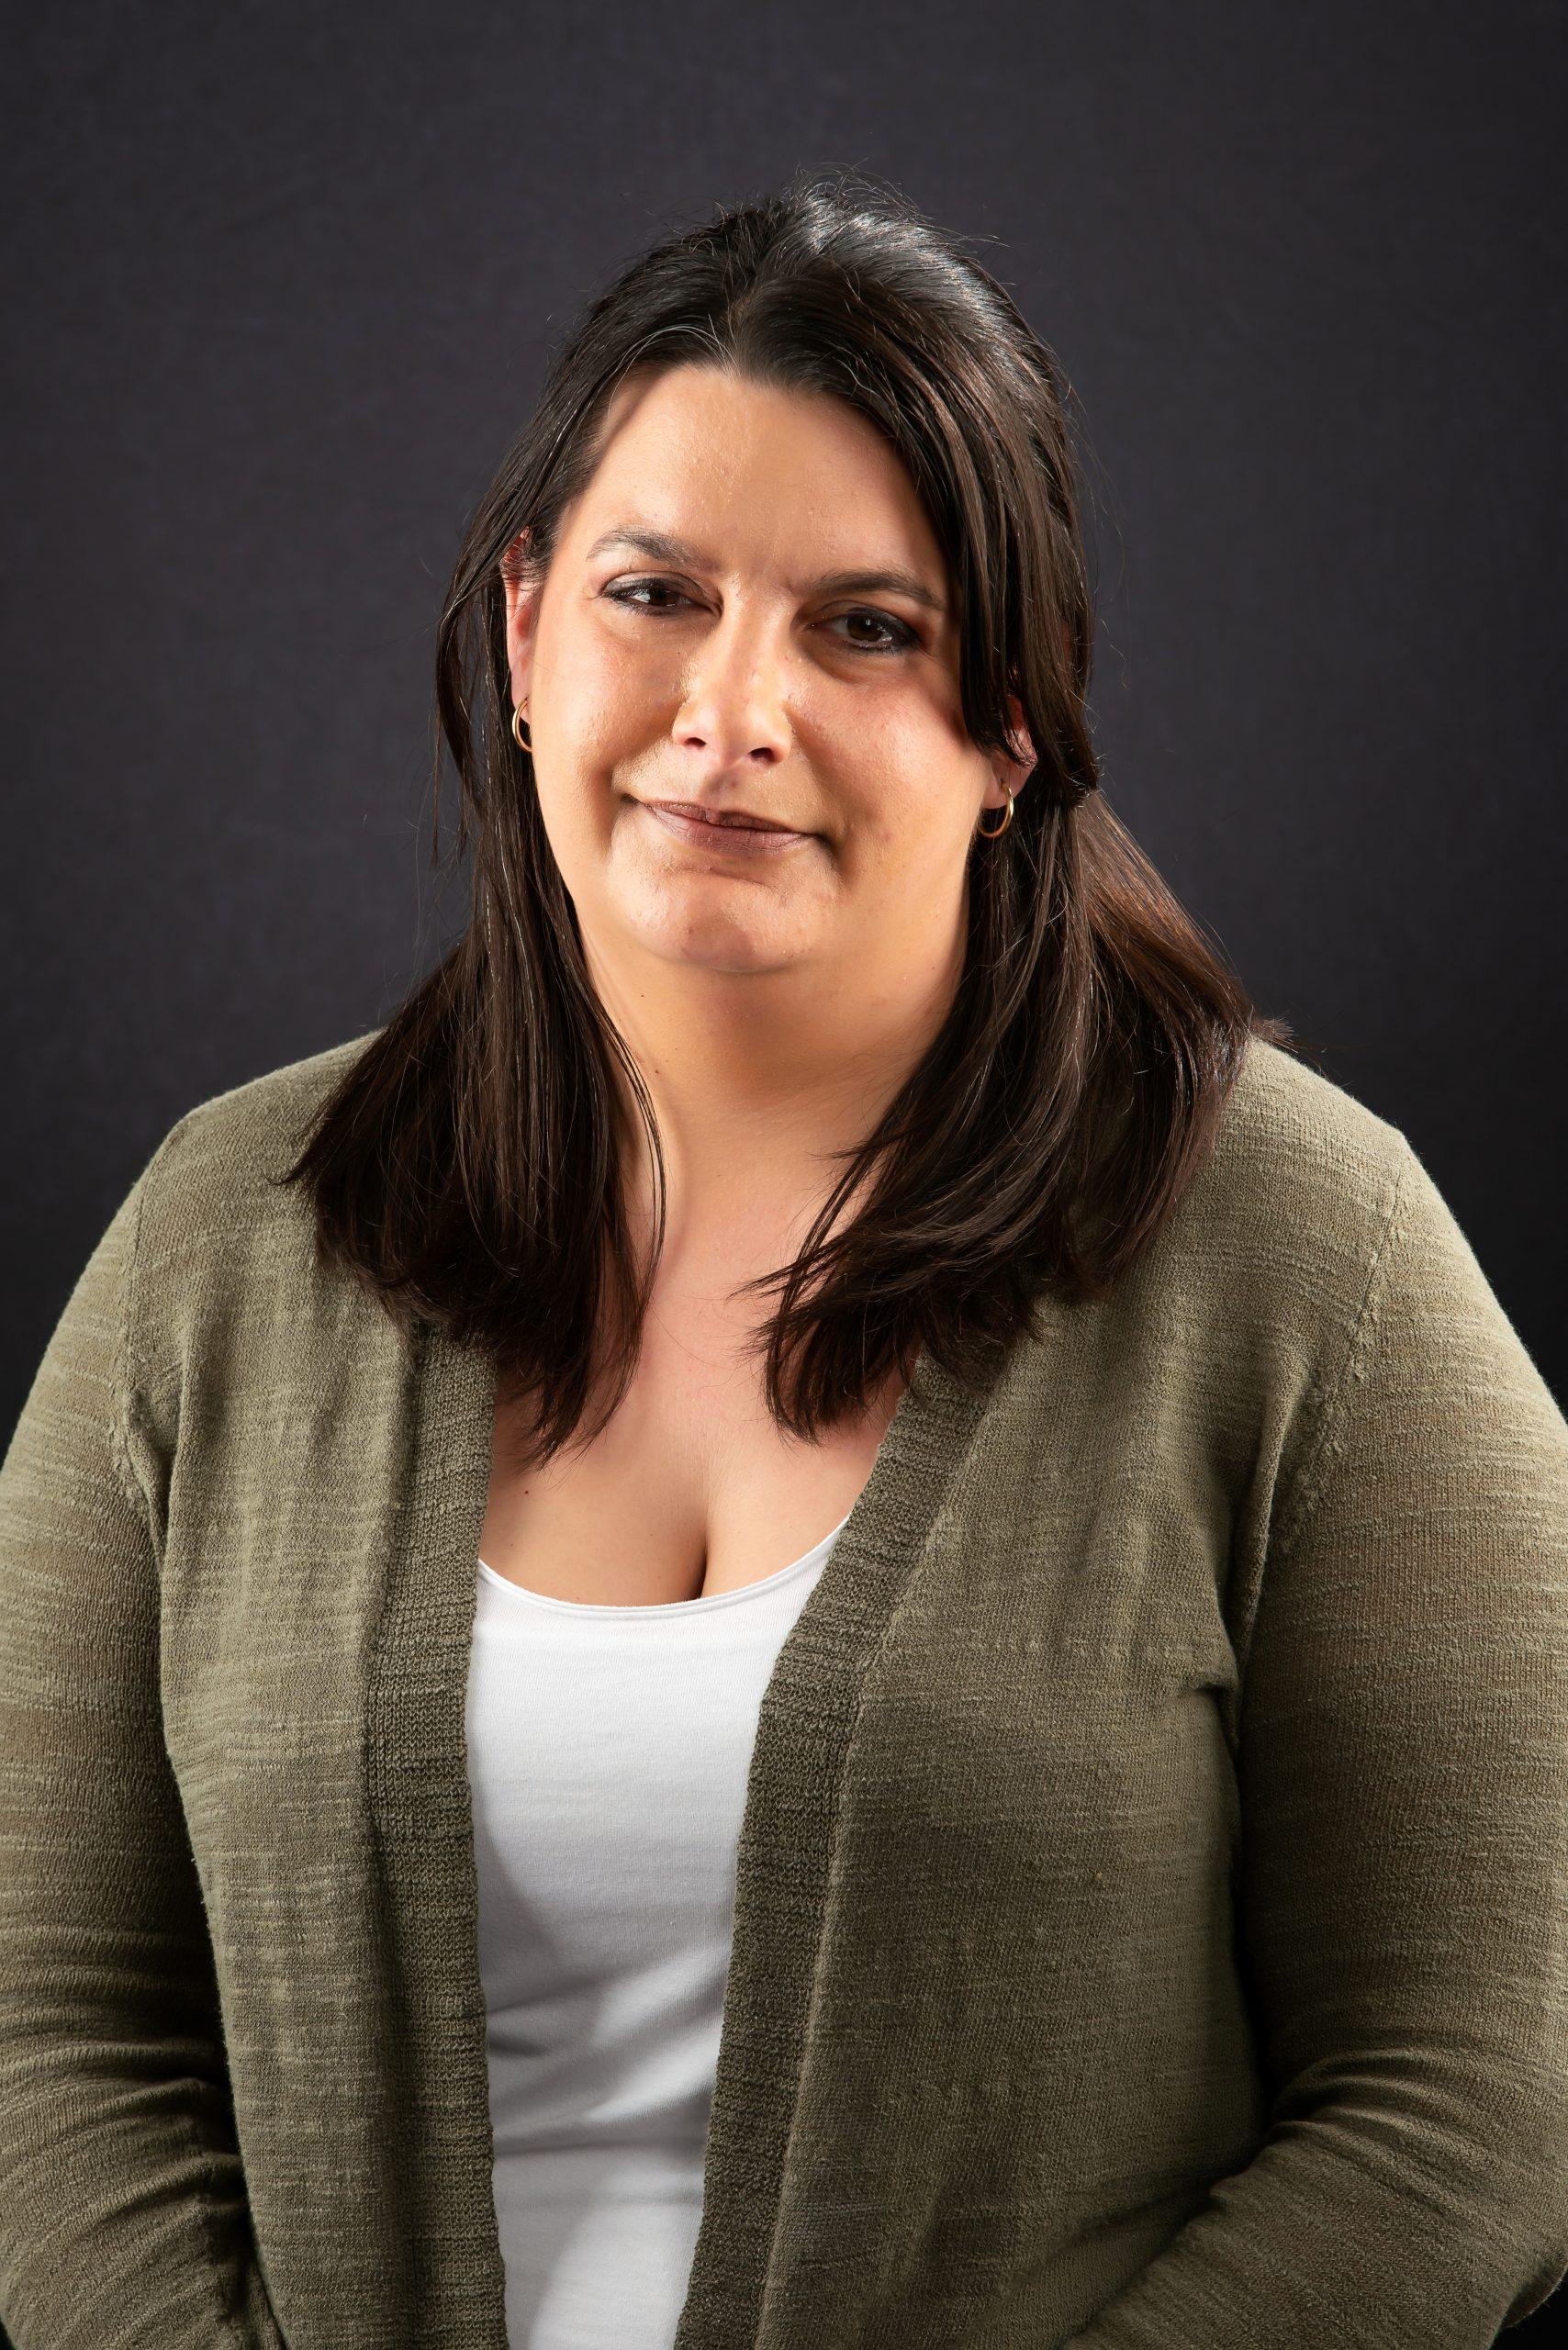 Katie Bowes